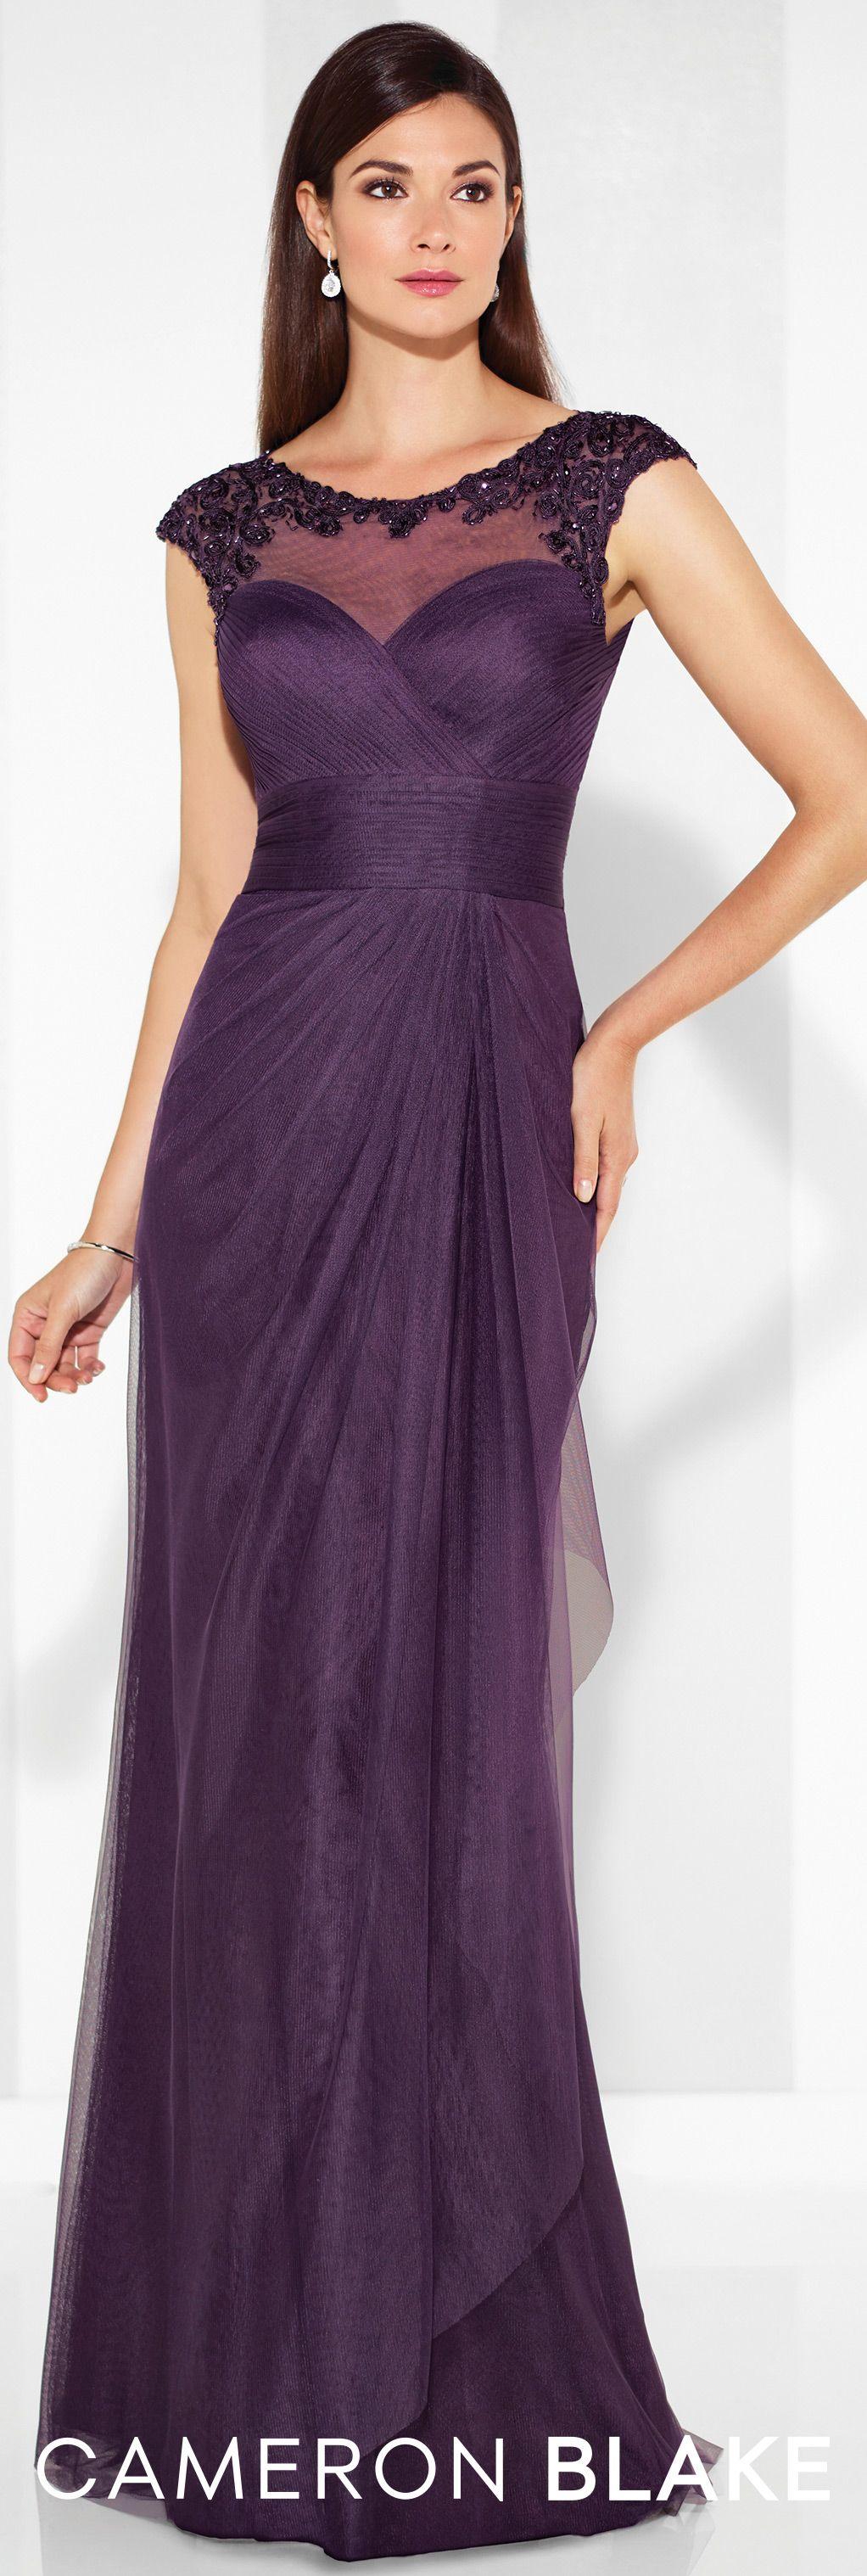 Cameron Blake - Evening Dresses - 117610 | Vestido formal ...